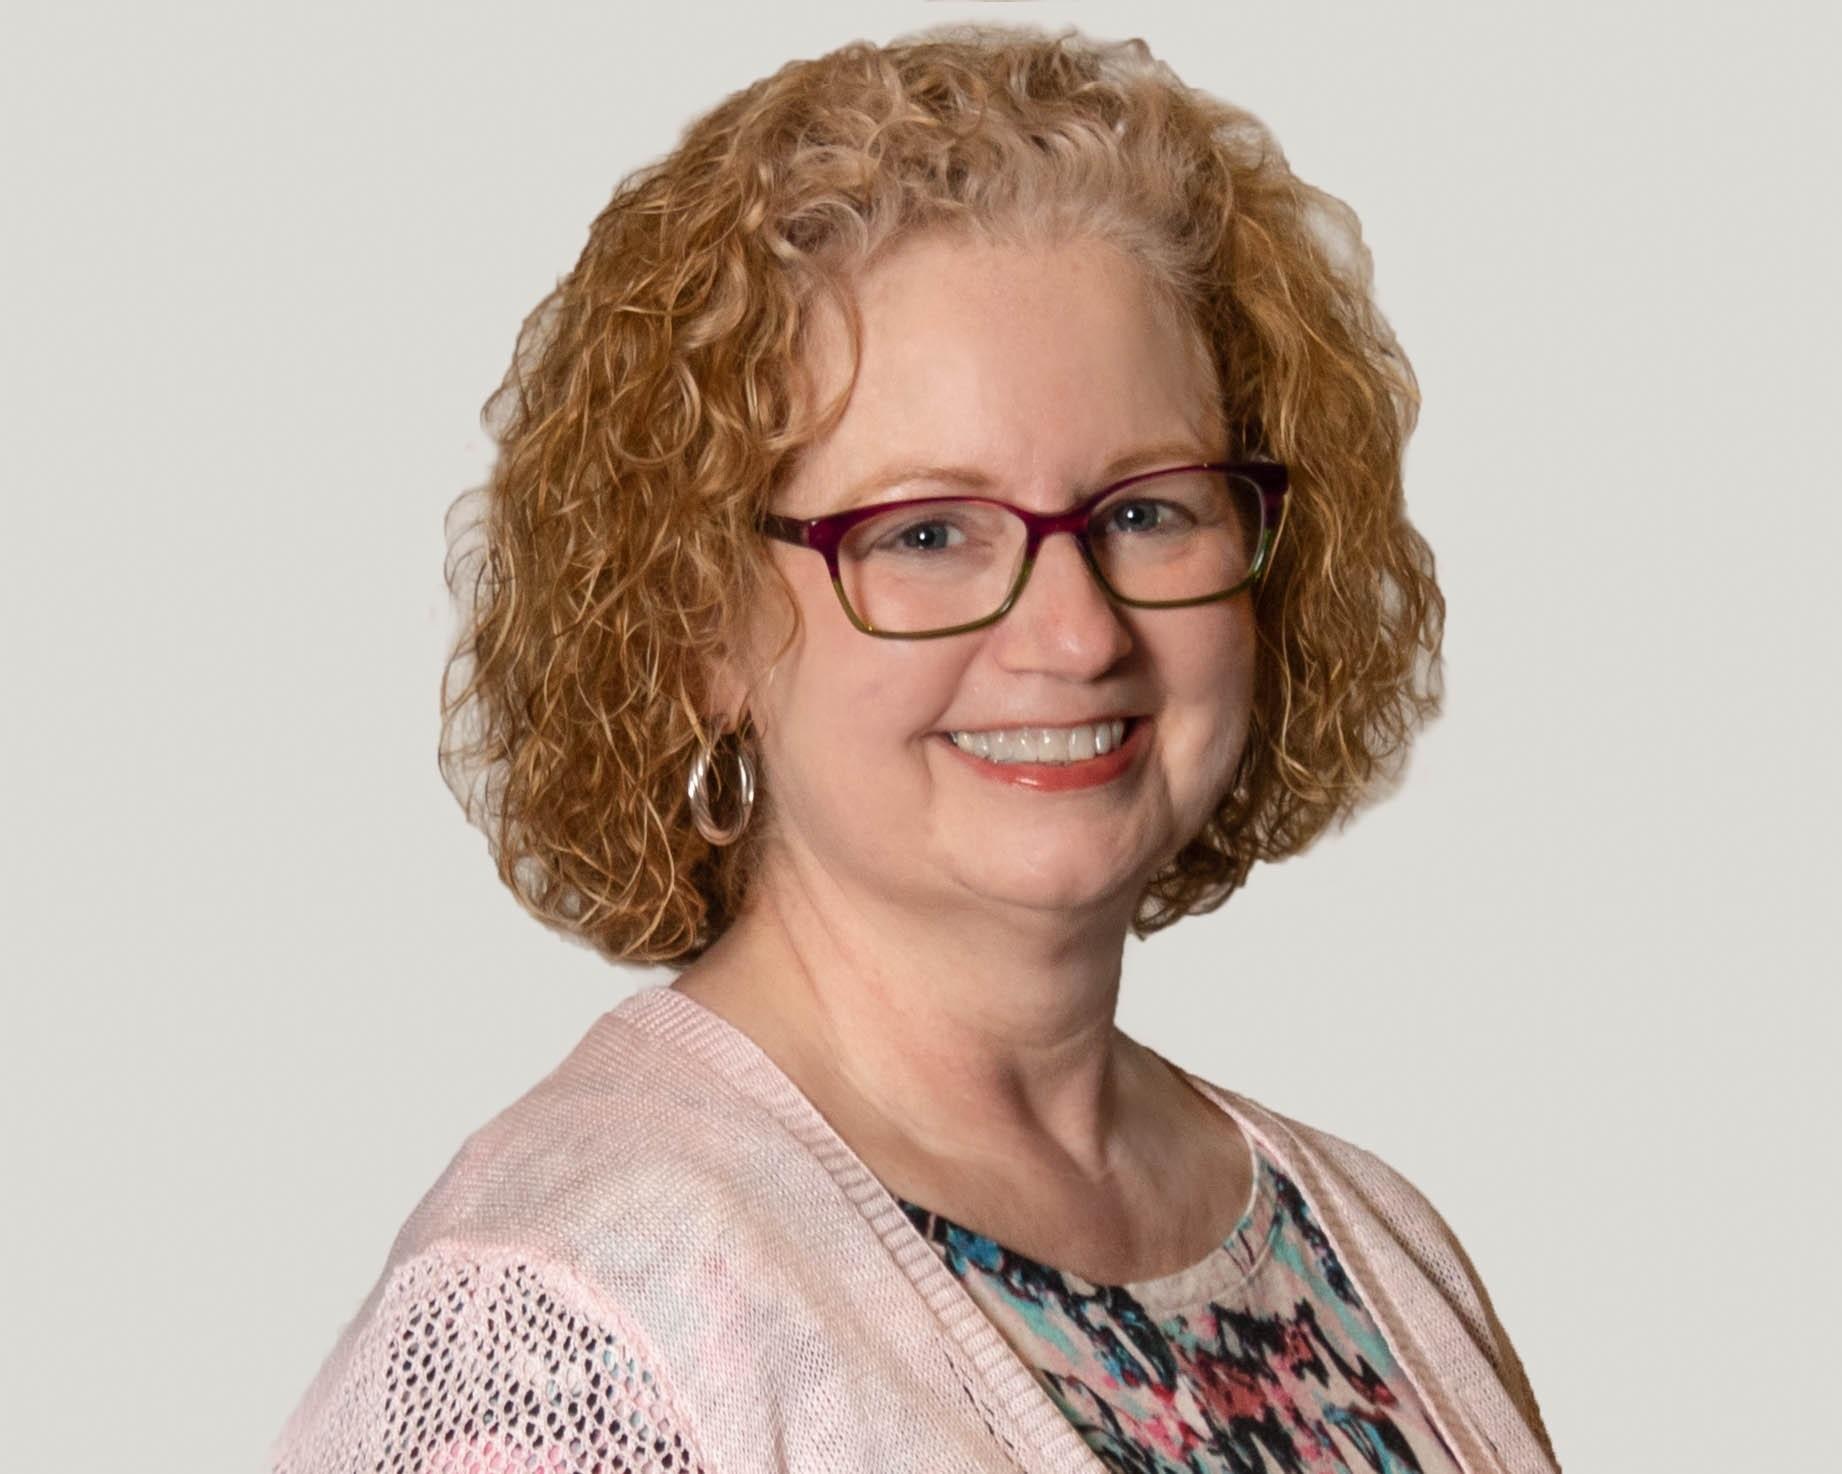 Melinda Owens